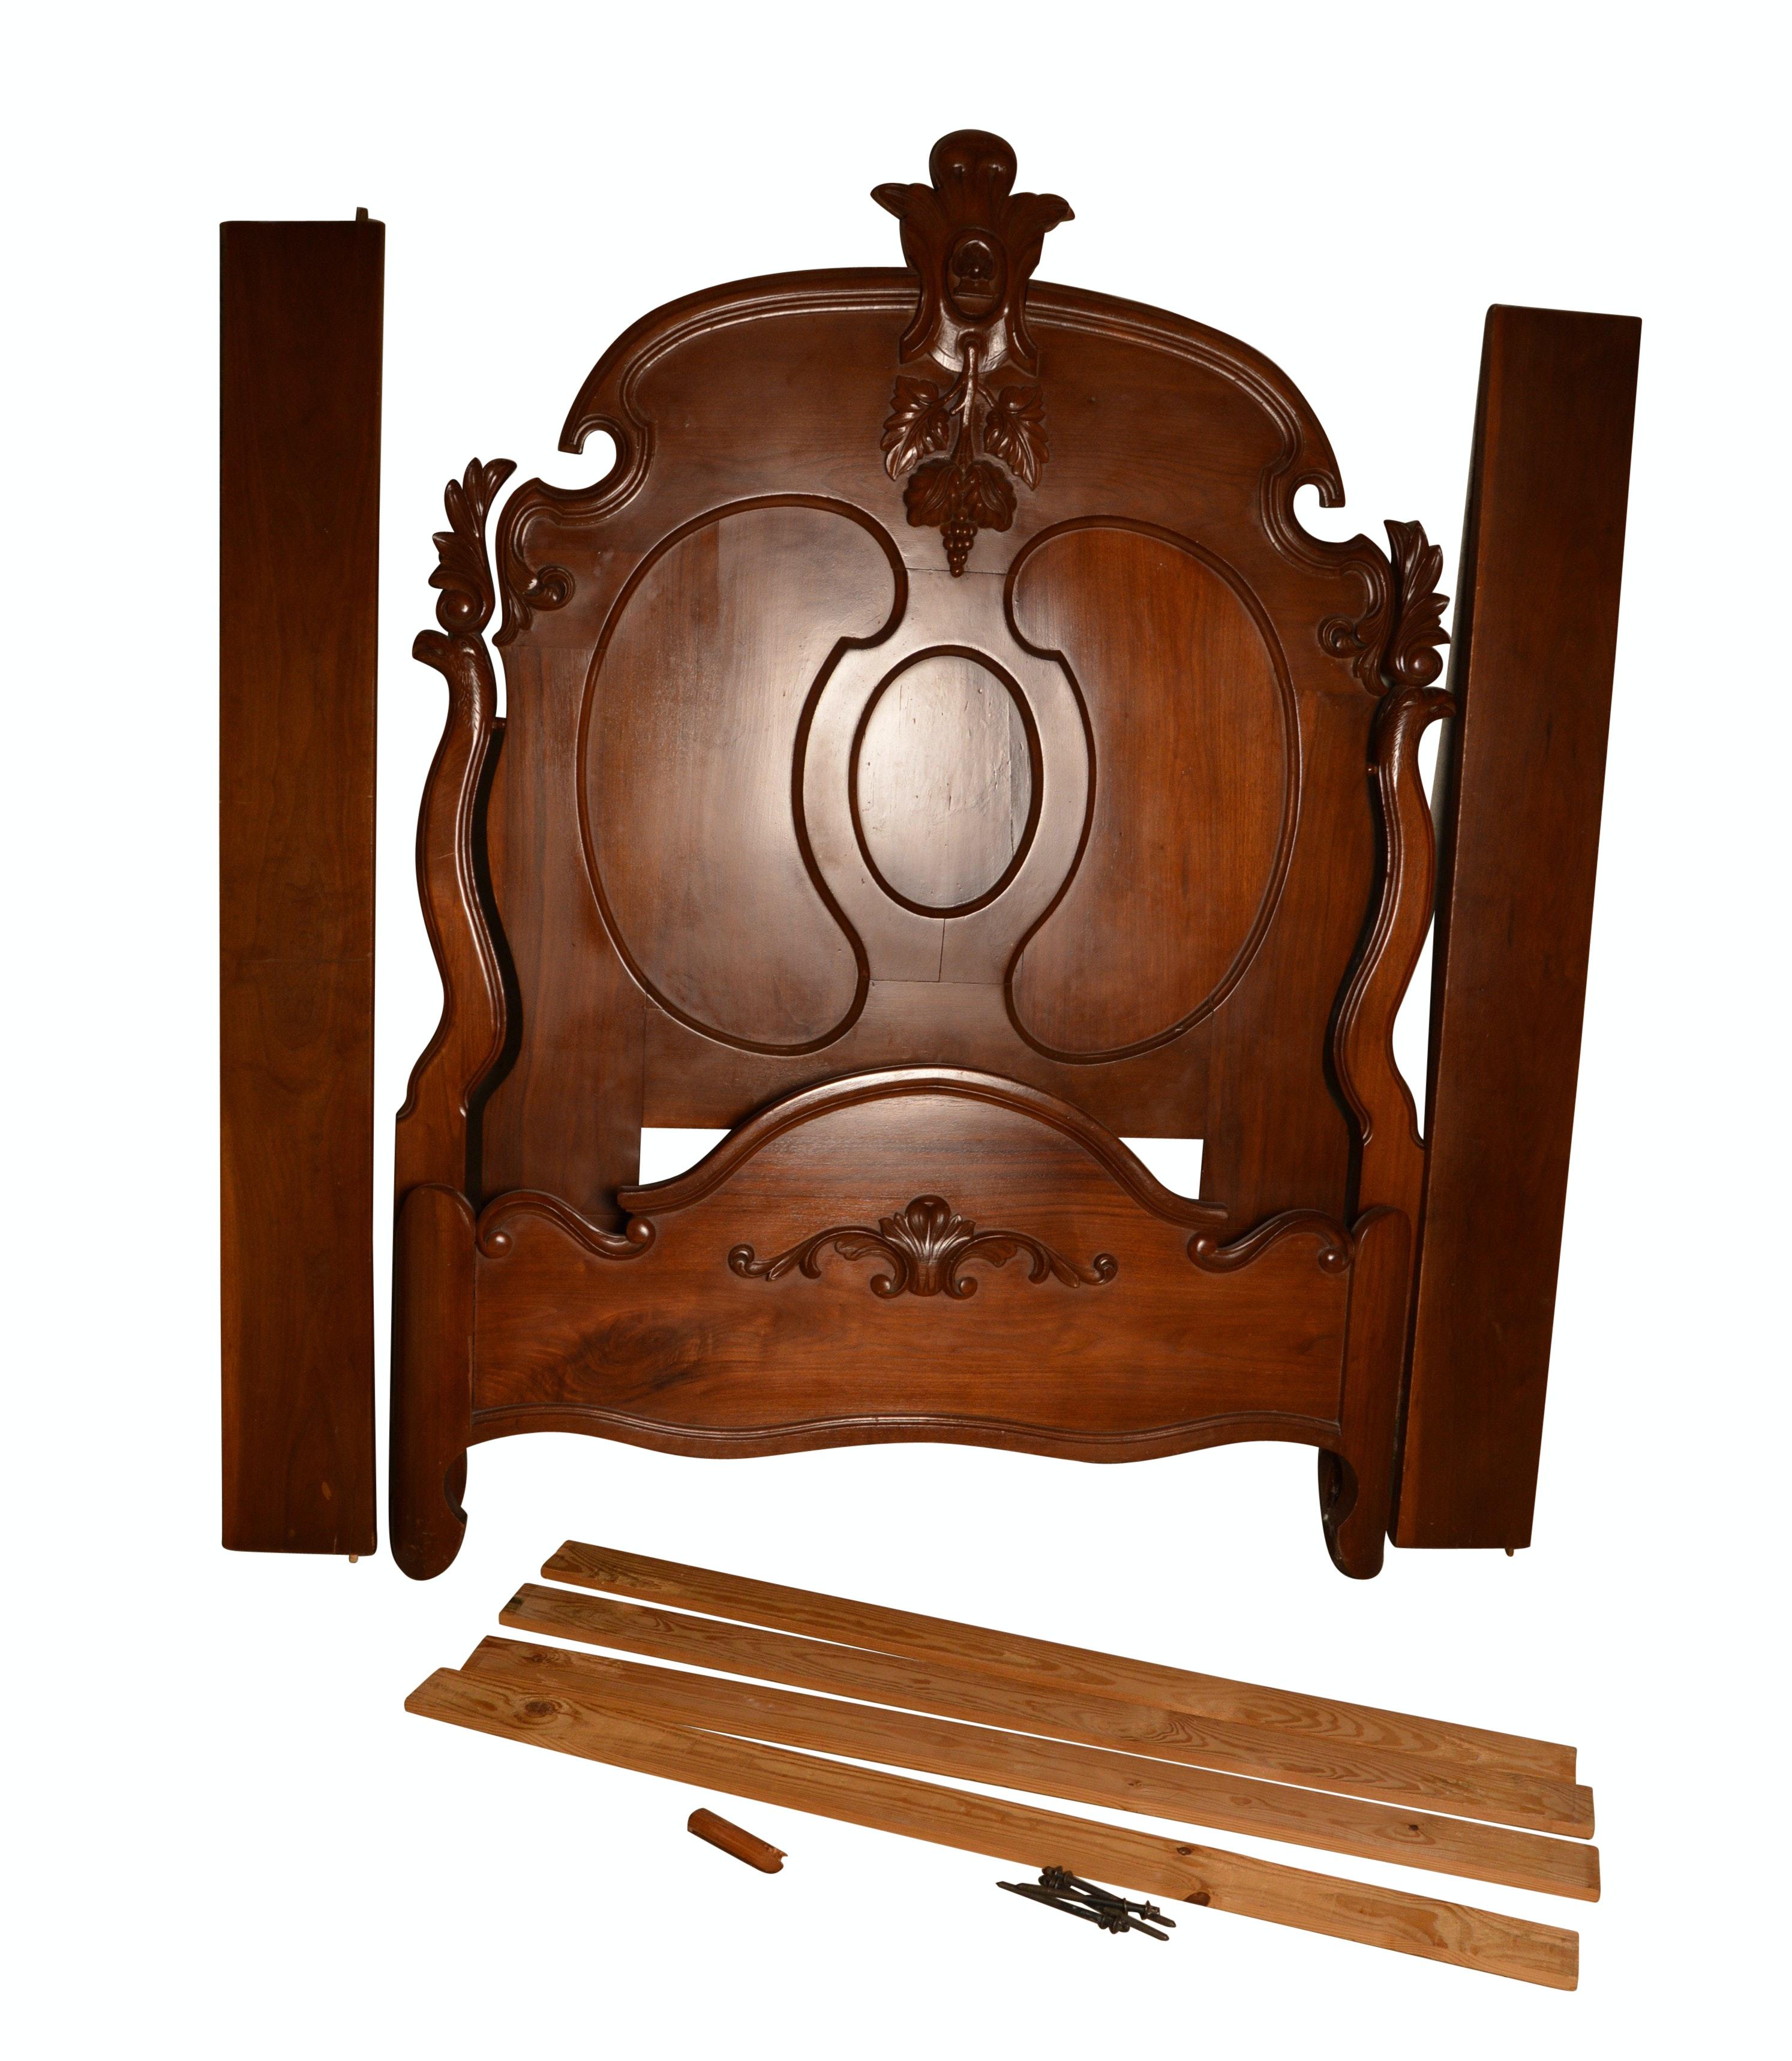 Antique Eastlake Style Wooden Bed Frame